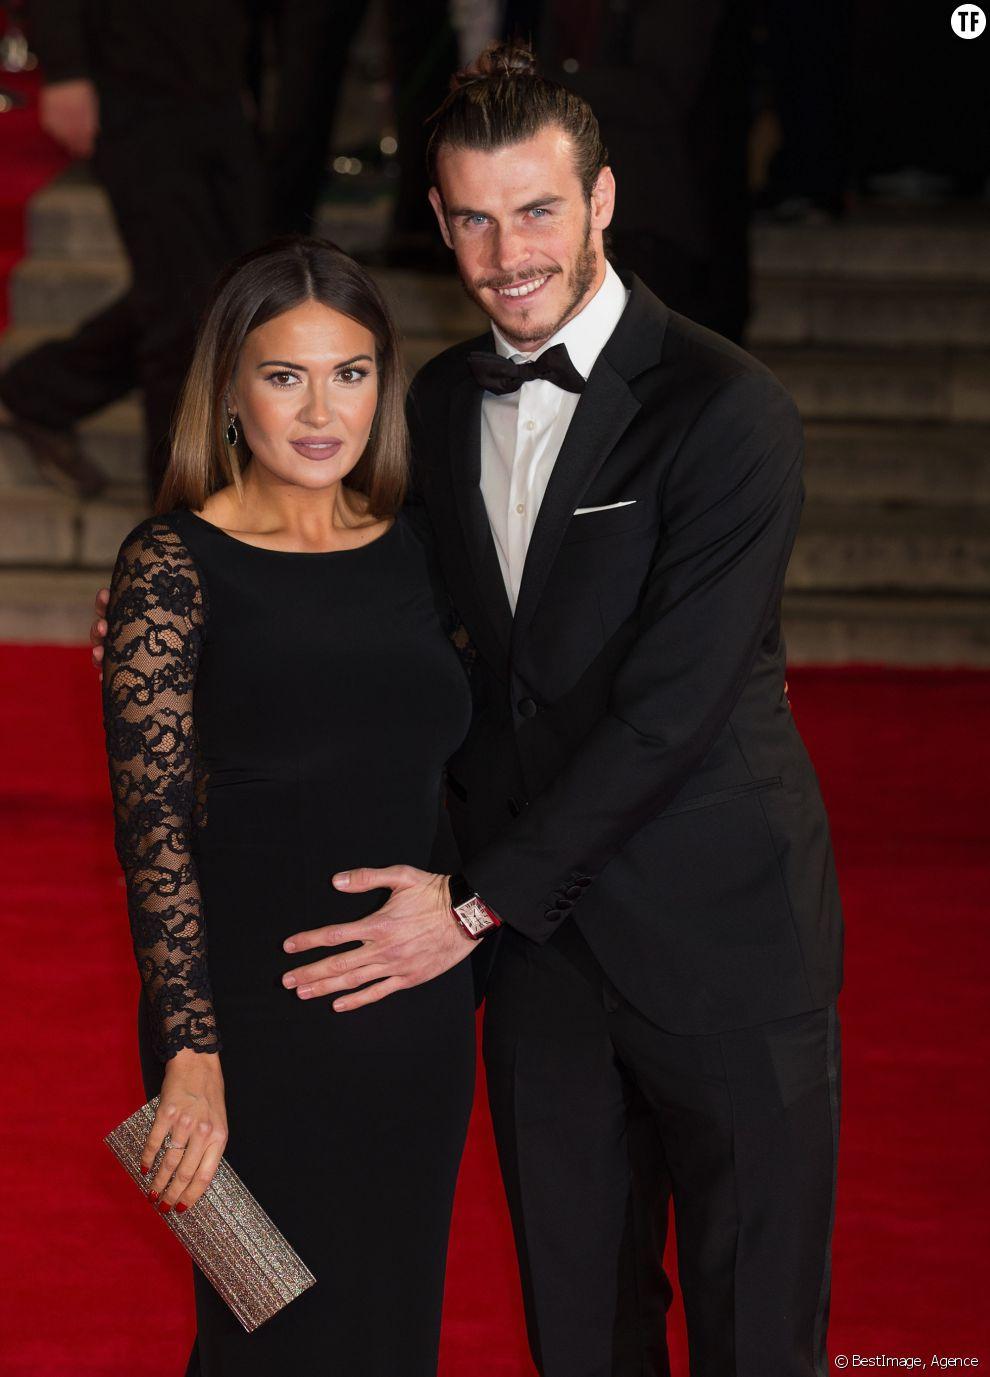 """Gareth Bale et sa compagne Emma Rhys Jones enceinte - Première mondiale du nouveau James Bond """"Spectre"""" au Royal Albert Hall à Londres le 26 octobre 2015"""